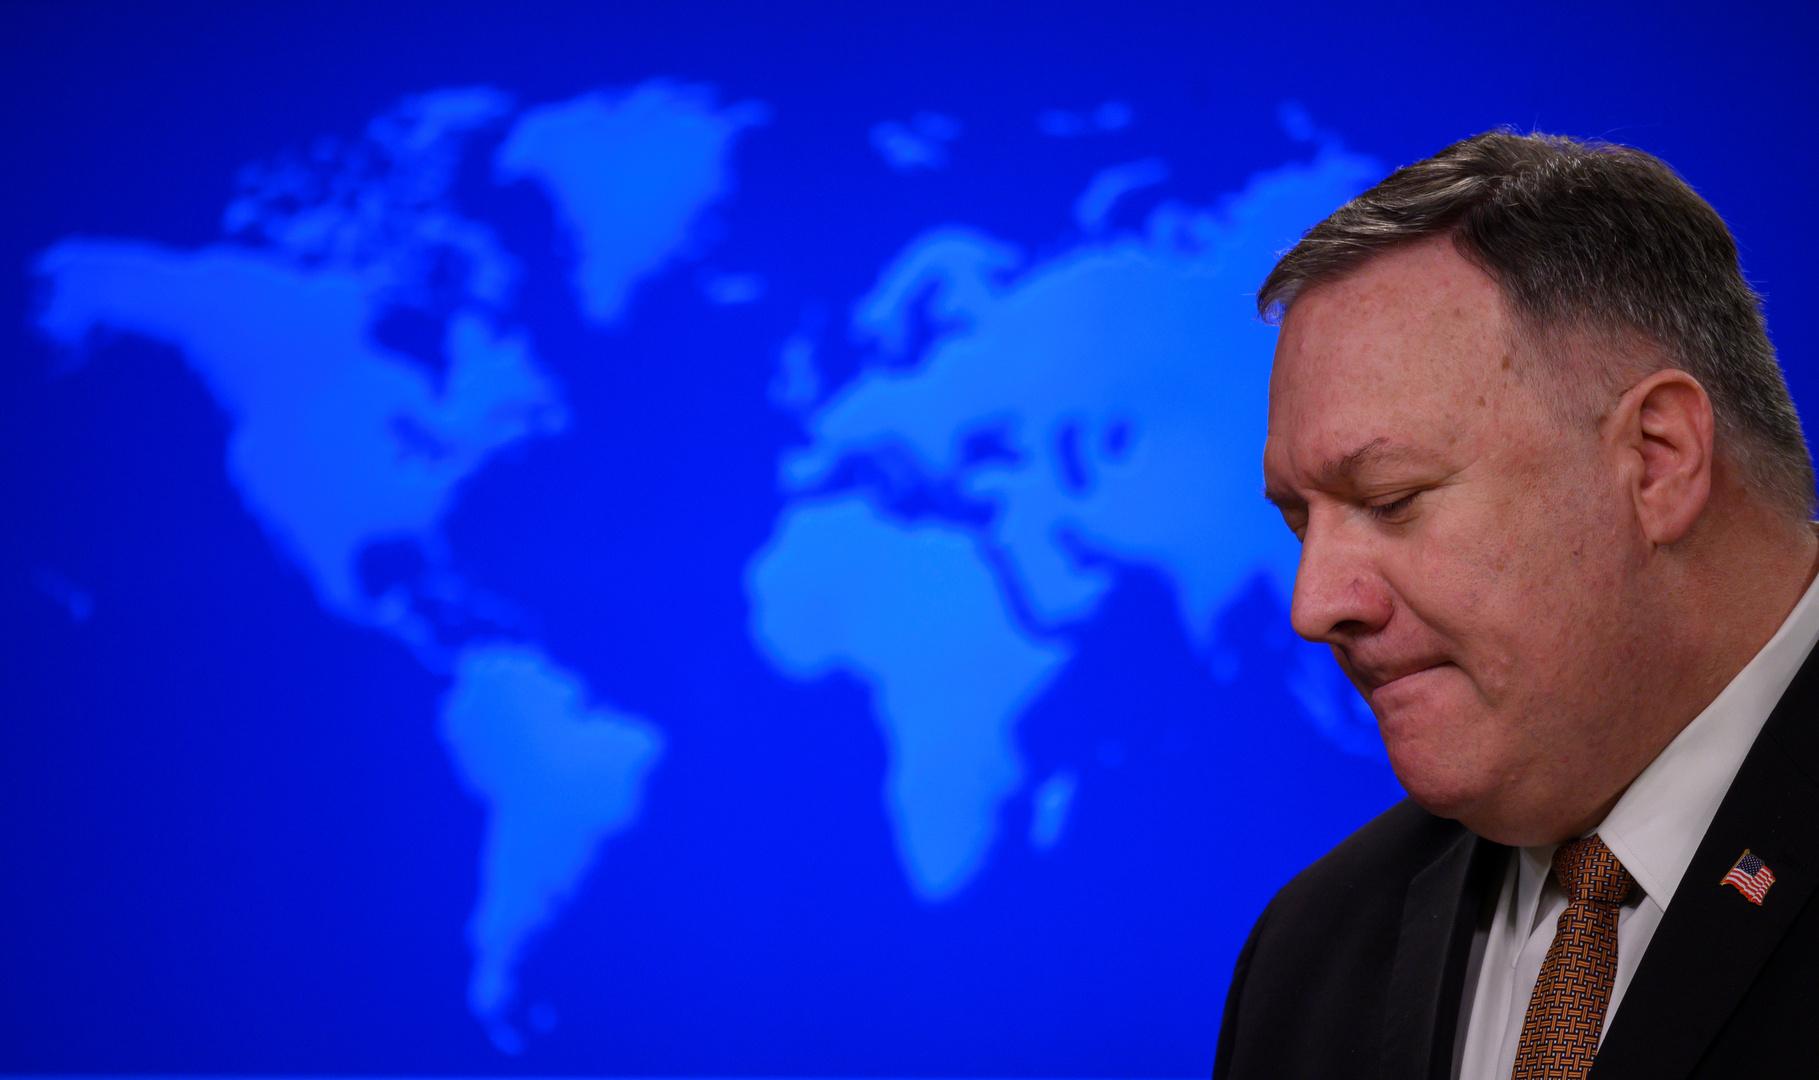 بومبيو: زيارتي إلى أفغانستان مخيبة جدا وعلى كل الأطراف أن تفهم أنه حان الوقت للسلام